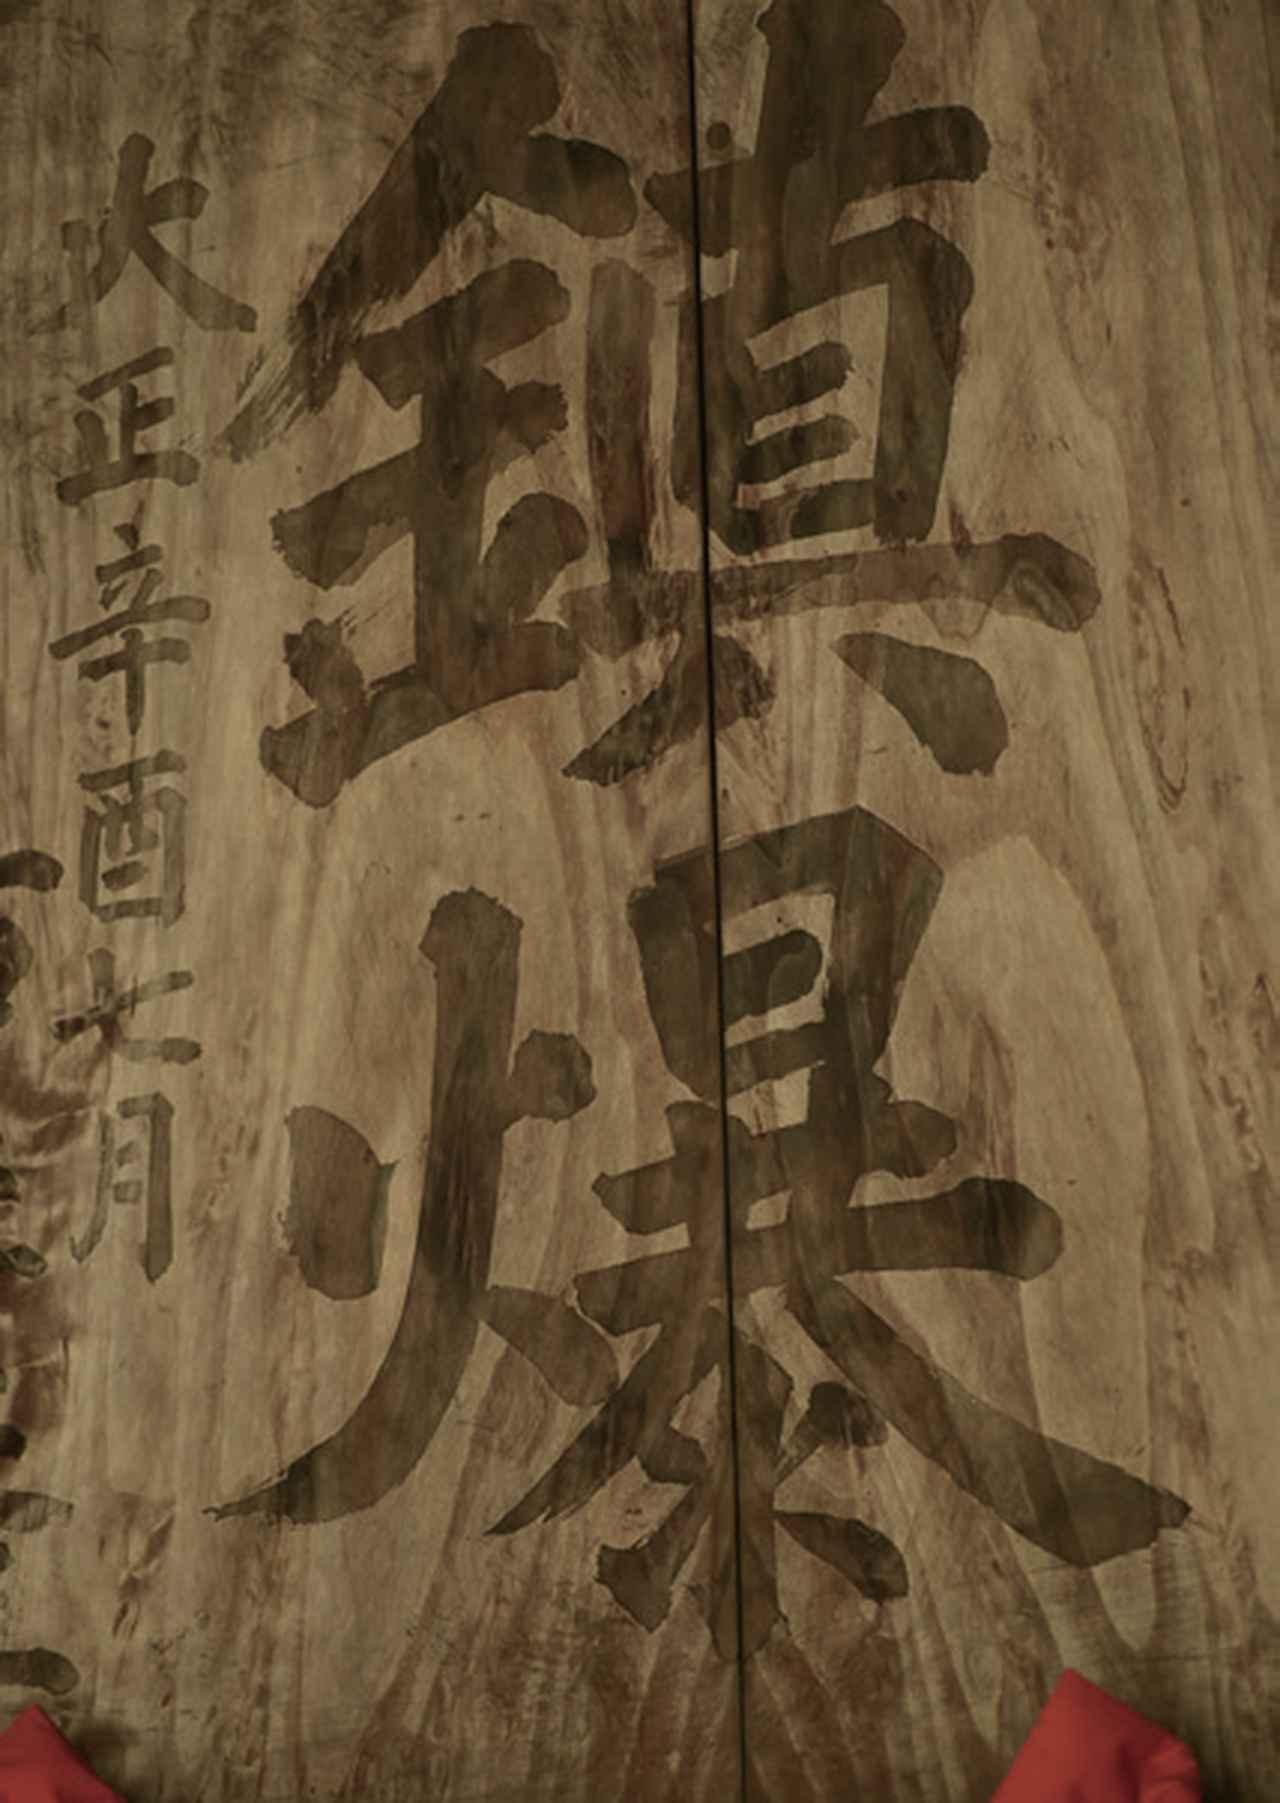 「浅間神社」が祀られた理由とは? 山梨県河口湖町〈河口浅間神社〉へ/神社巡拝家・佐々木優太の「神社拝走記」【第3回】